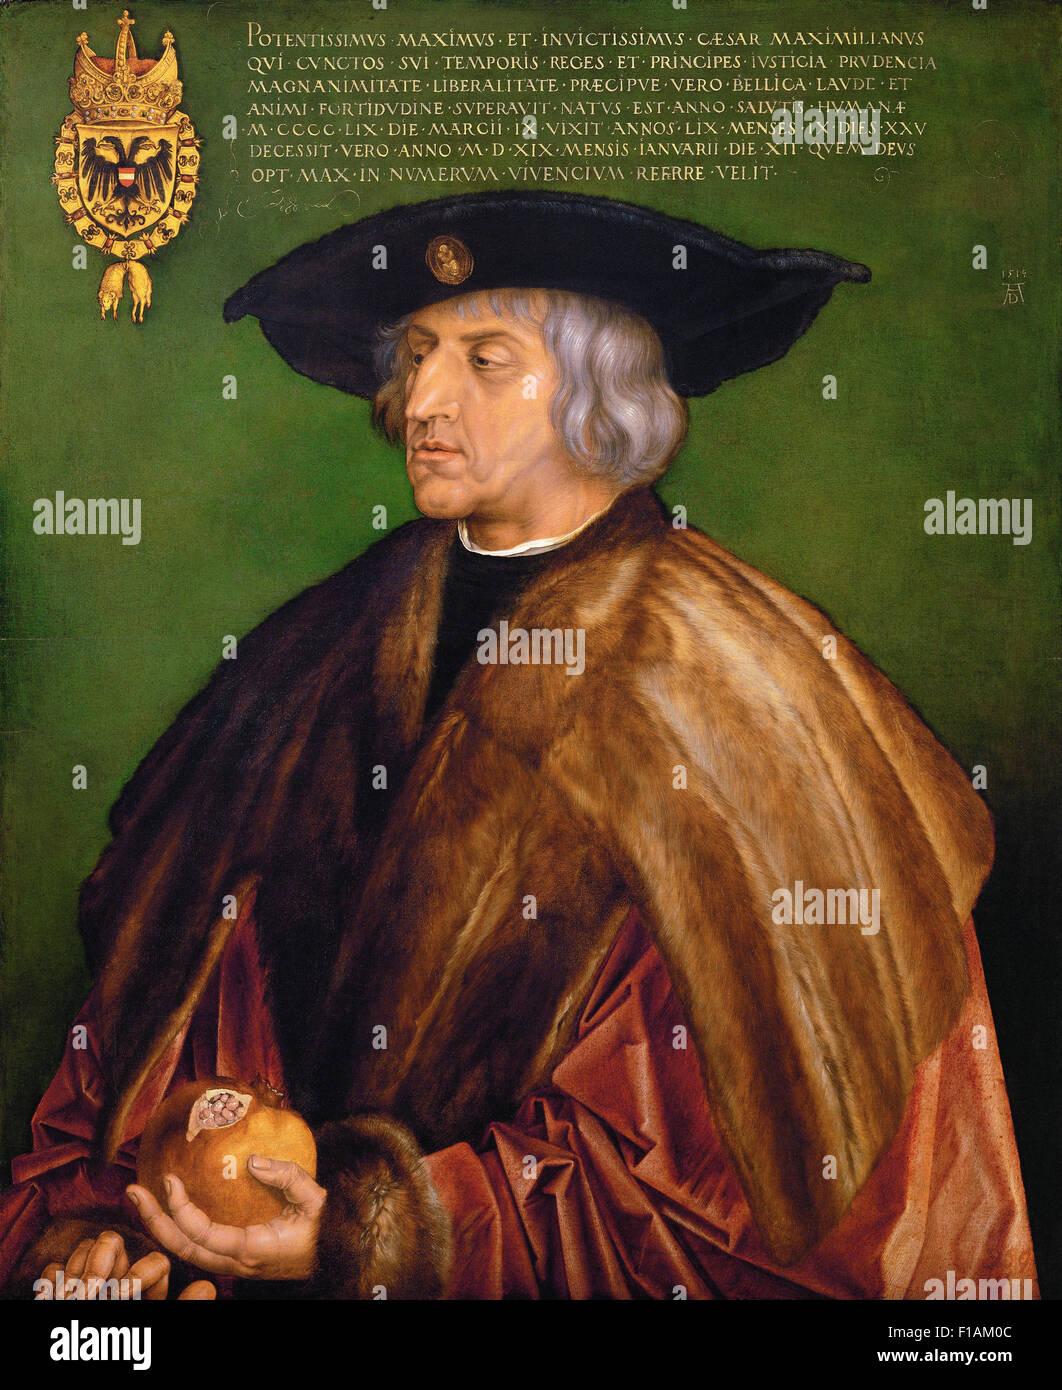 Albrecht Dürer - Portrait de Maximilien I Photo Stock